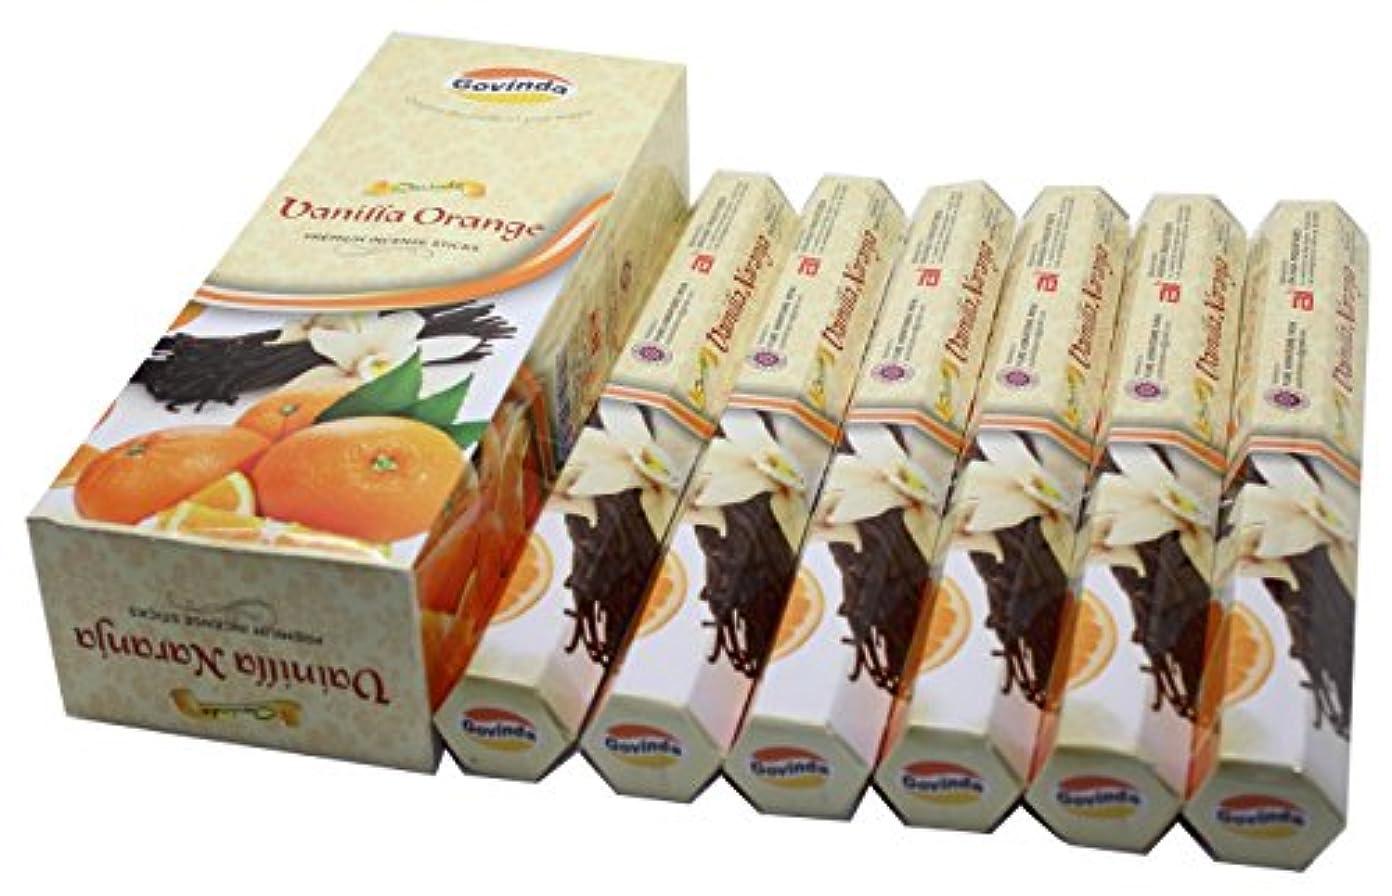 大陸独裁リークGovinda Incense – バニラオレンジ – 120 Incense Sticks、プレミアムIncense、Masalaコーティング